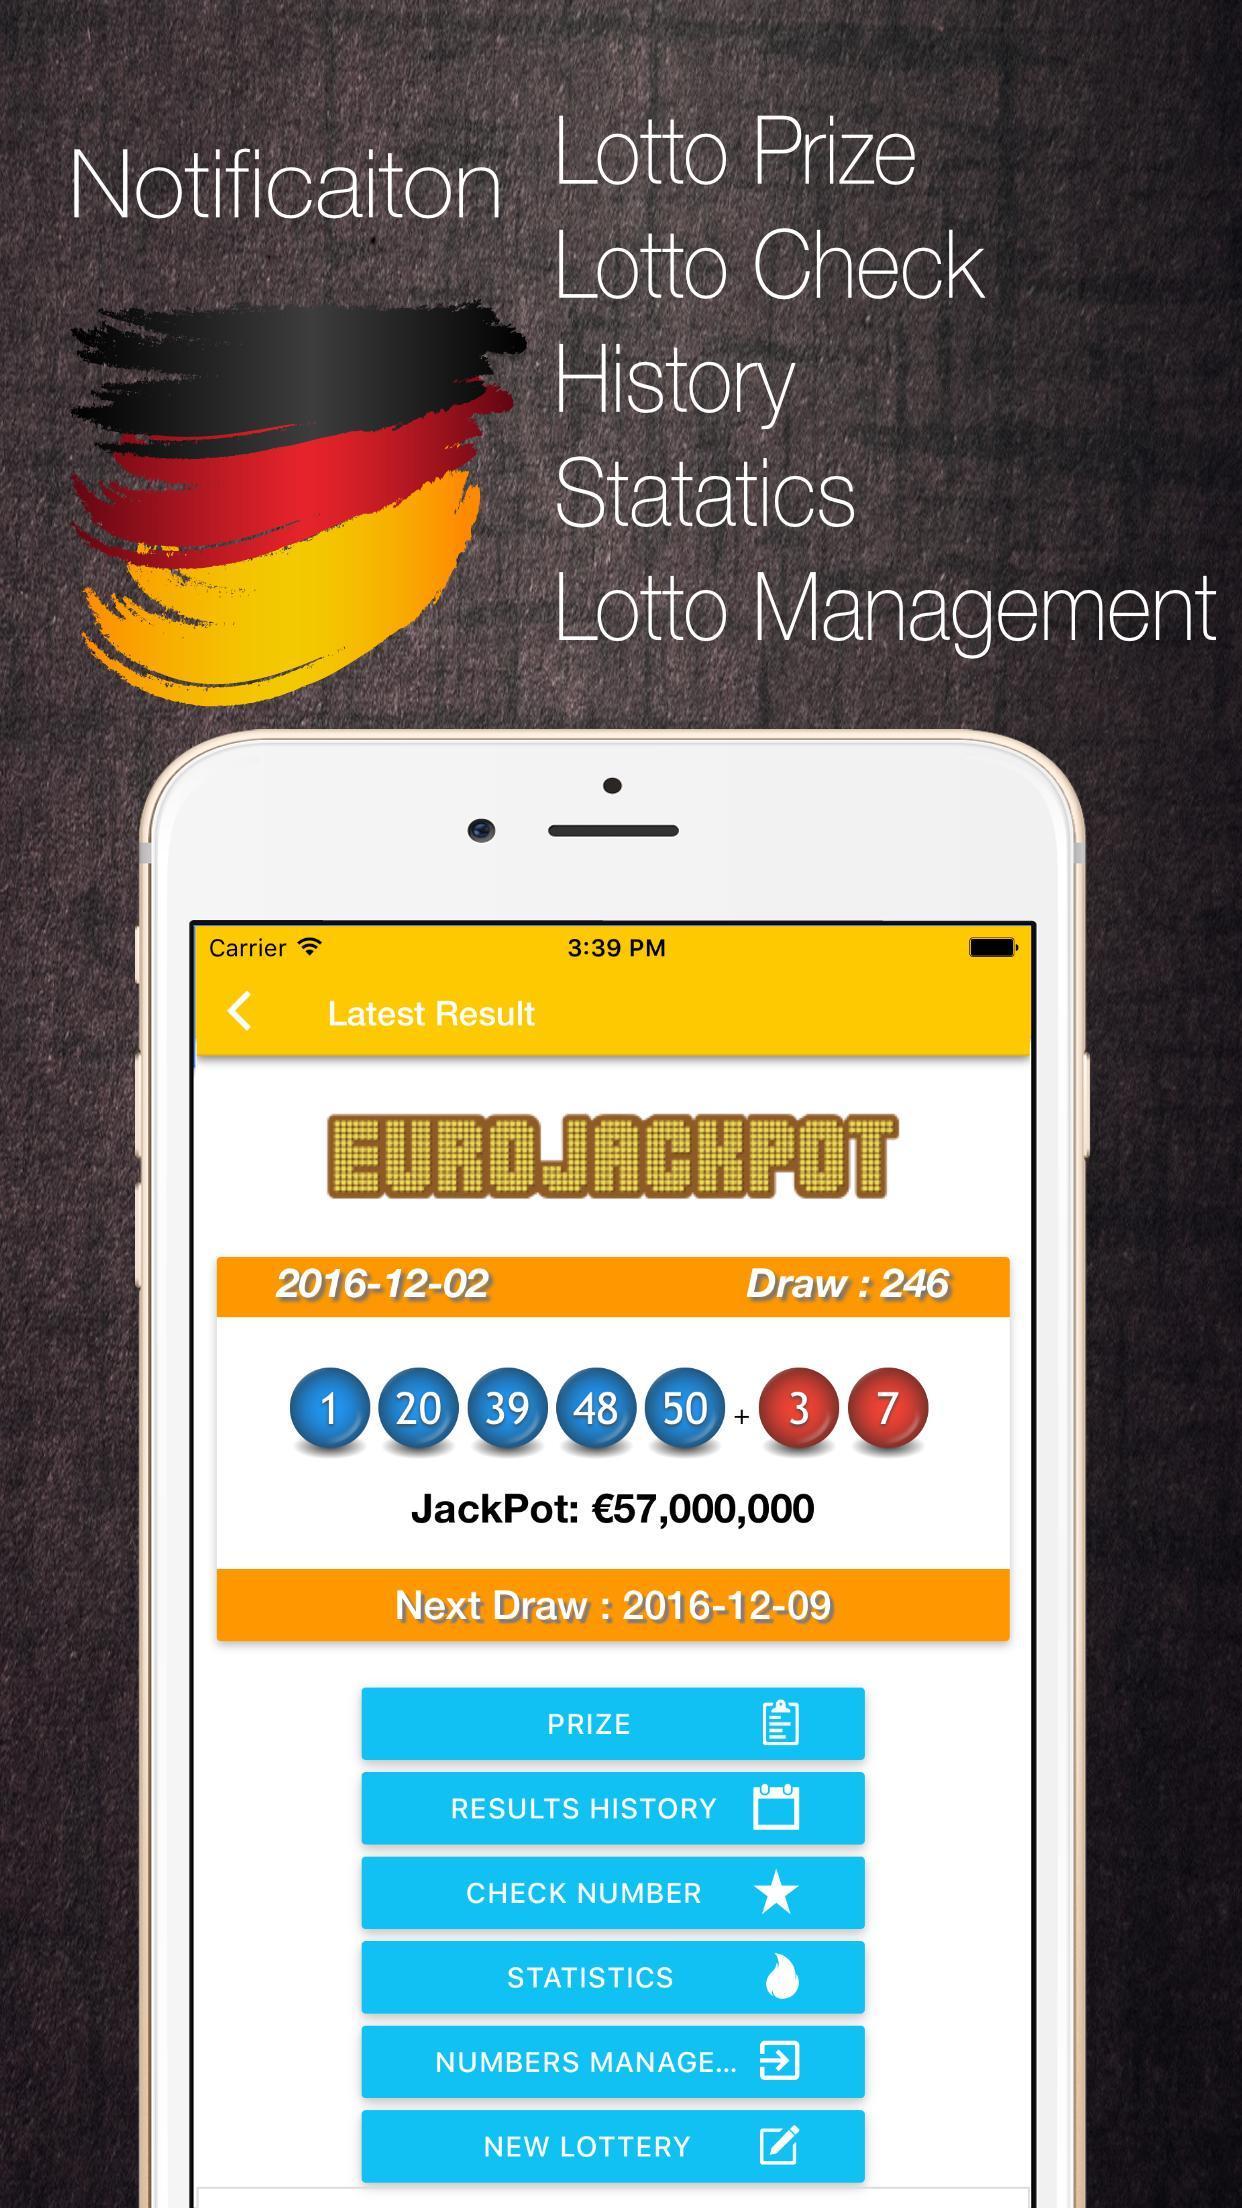 Jogue na loteria alemã online: comparação de preços em lotto.eu